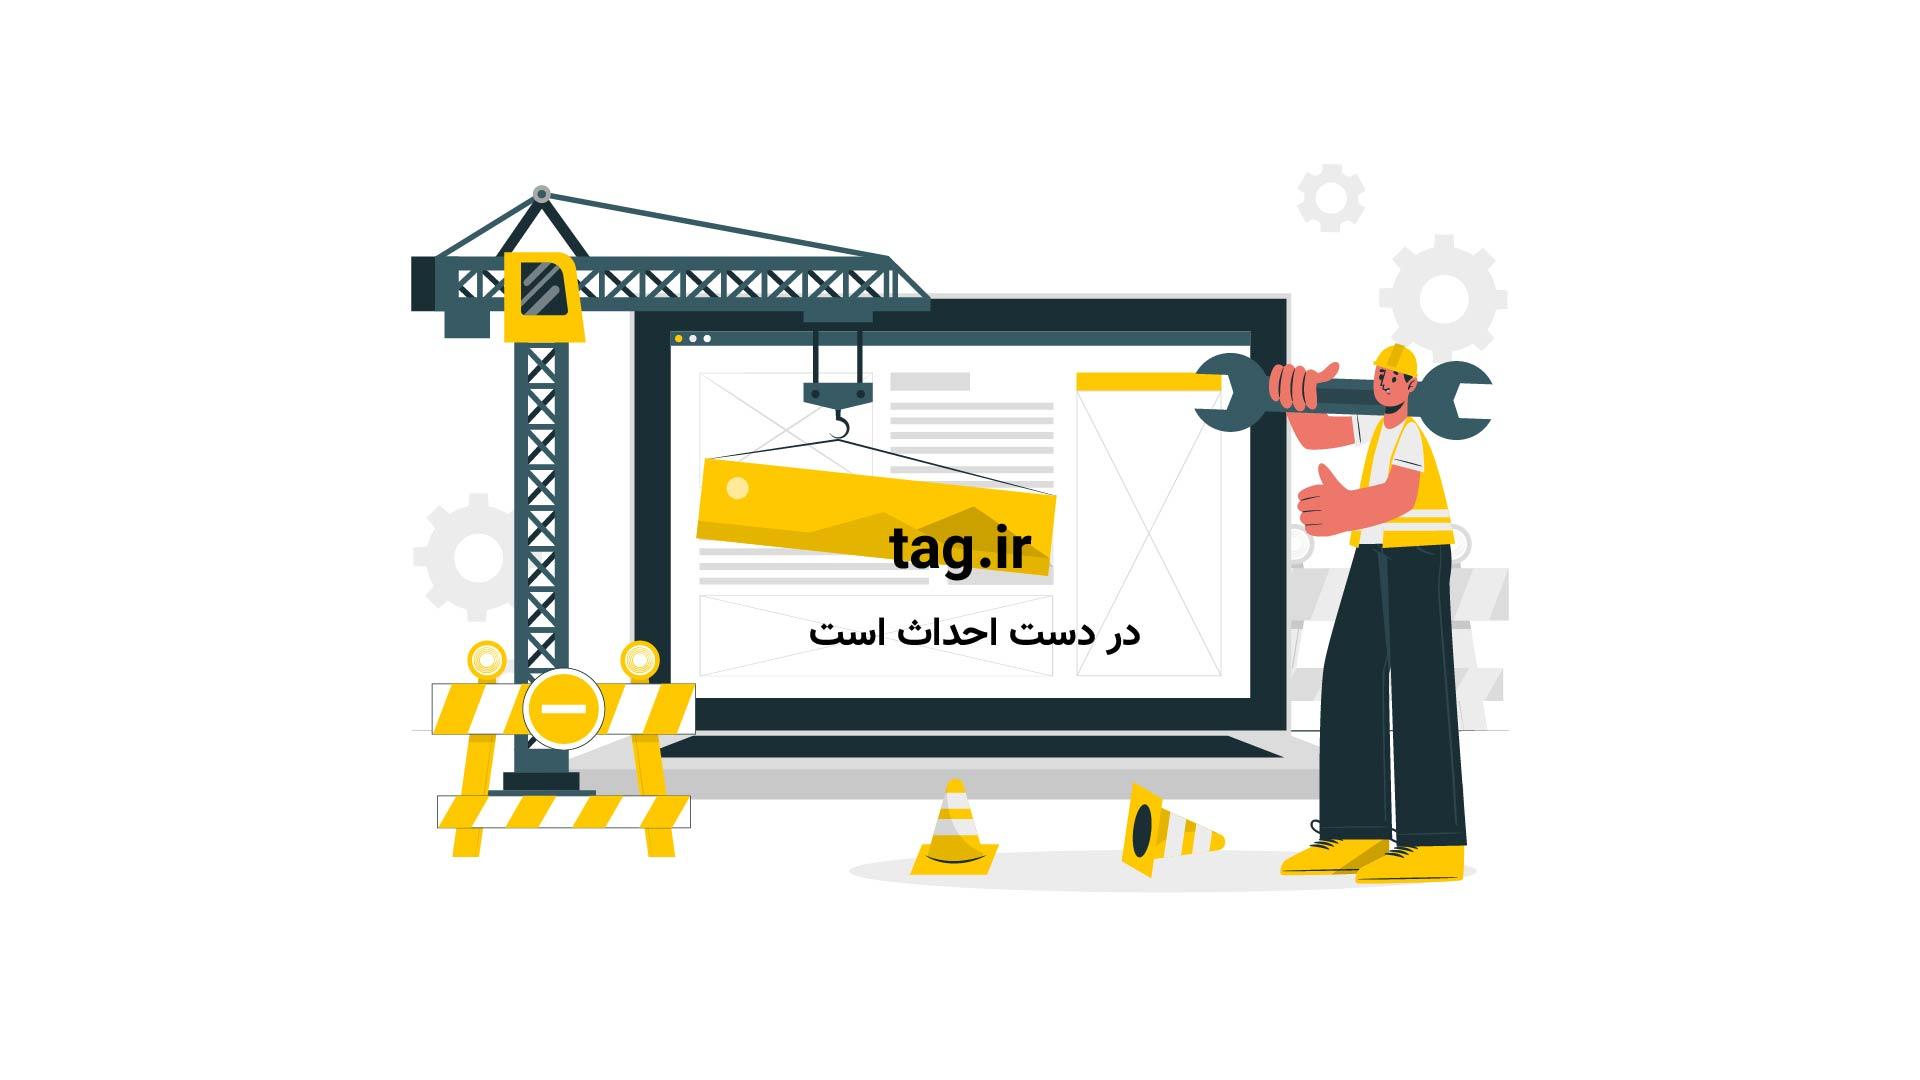 شکار فوقالعاده ماهی از کف آب توسط عقاب|تگ